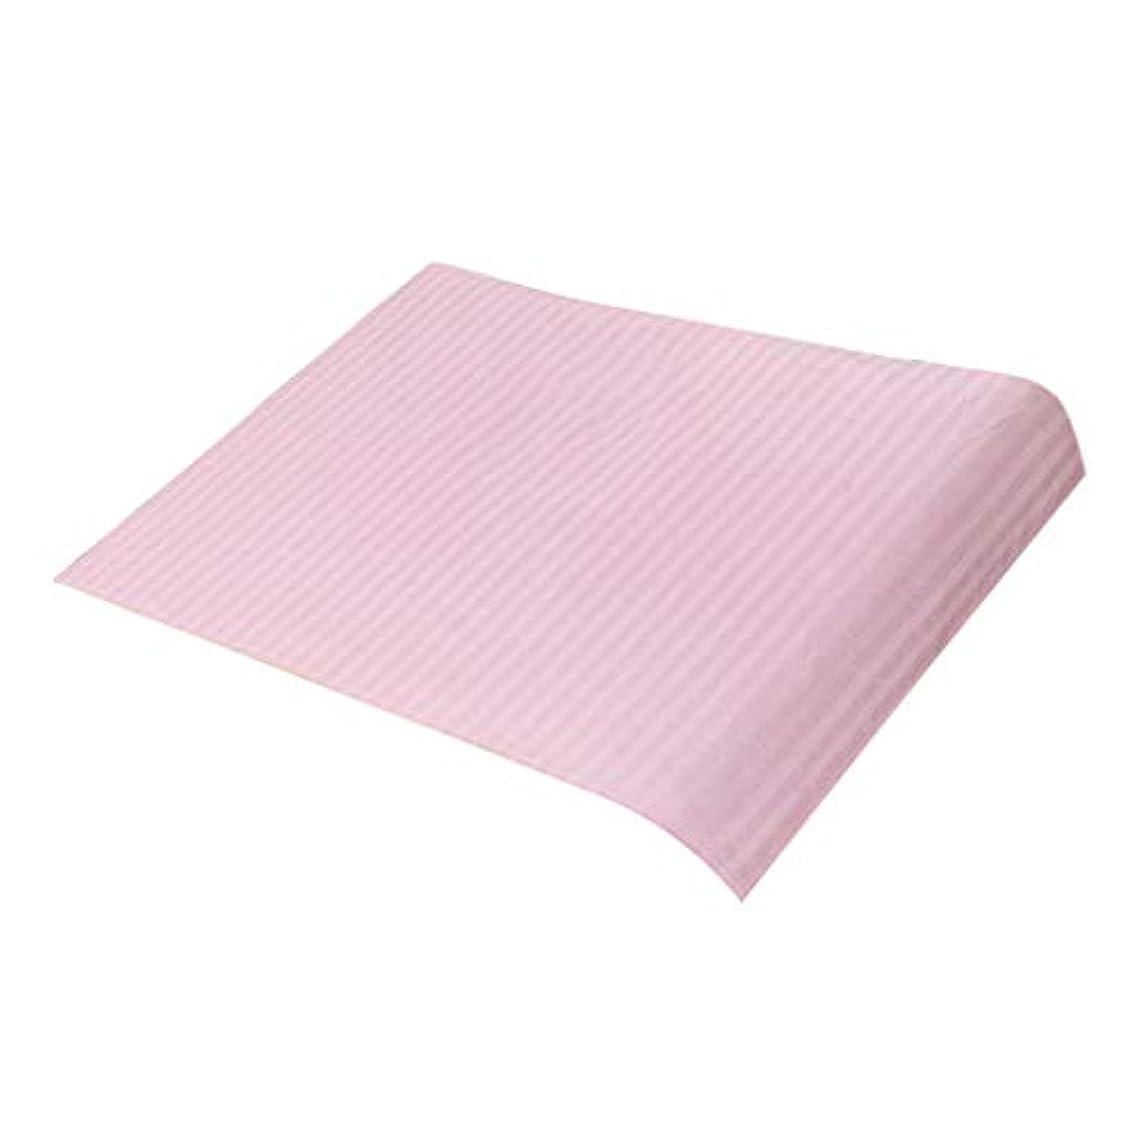 苦難肖像画エステートマッサージベッドカバー 美容ベッドカバー スパ マッサージテーブルスカート 綿素材 断面デザイン - ピンク